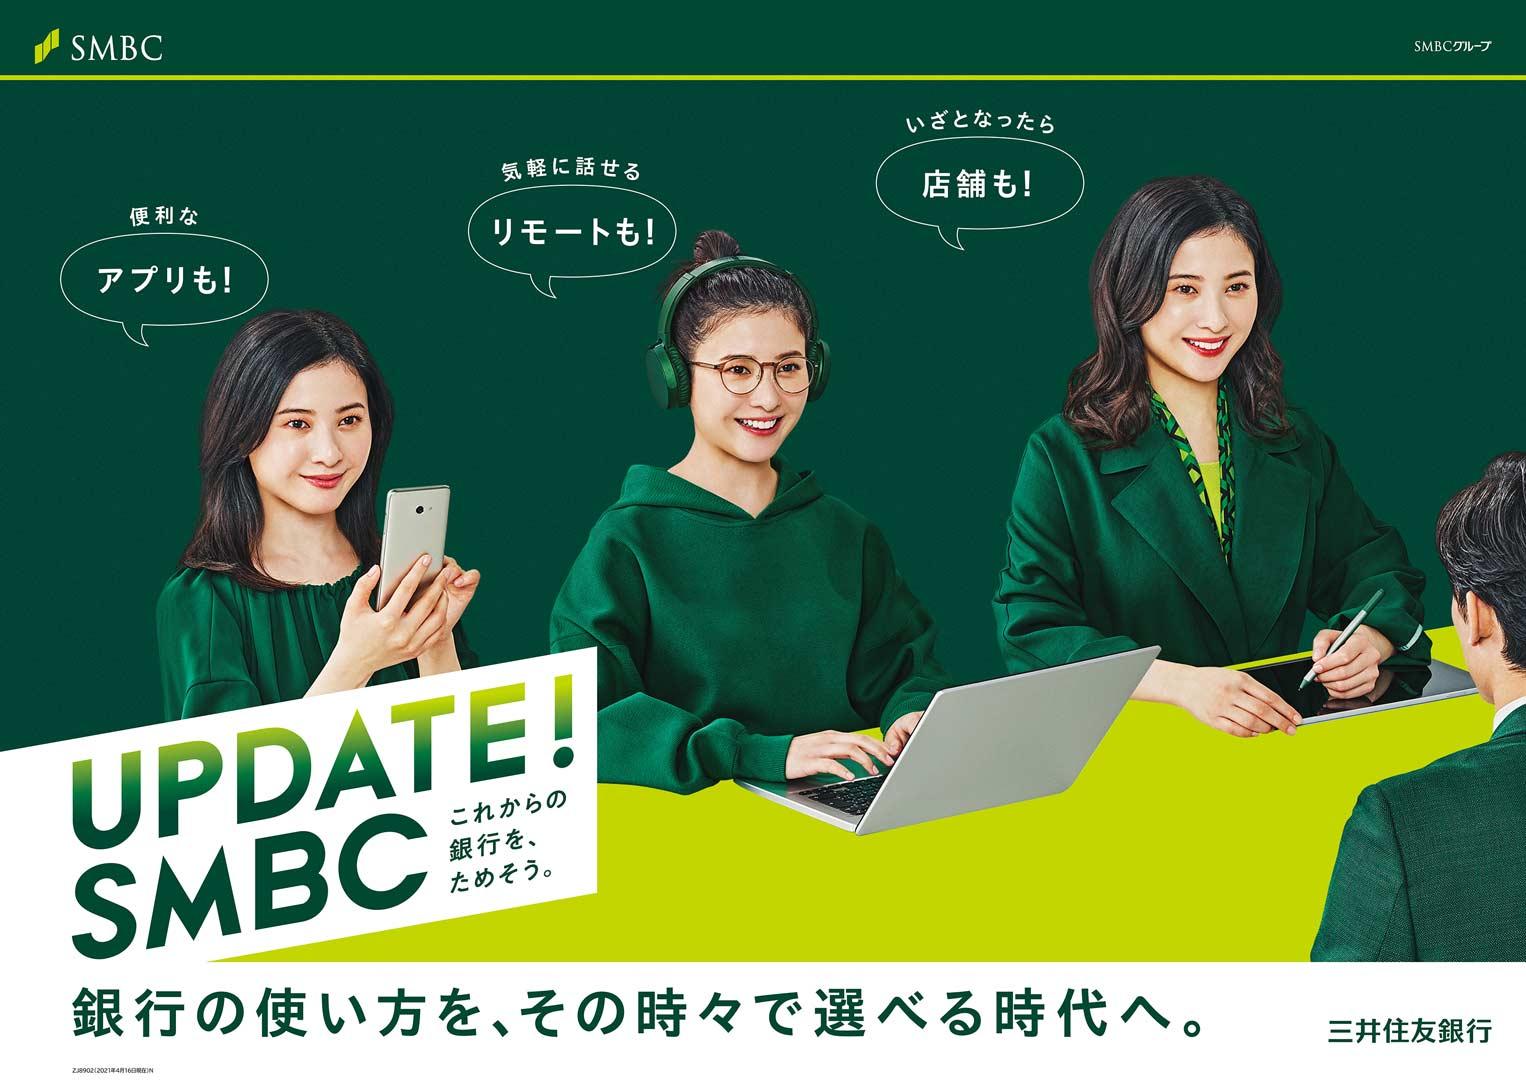 三井住友銀行「UPDATE! SMBC」